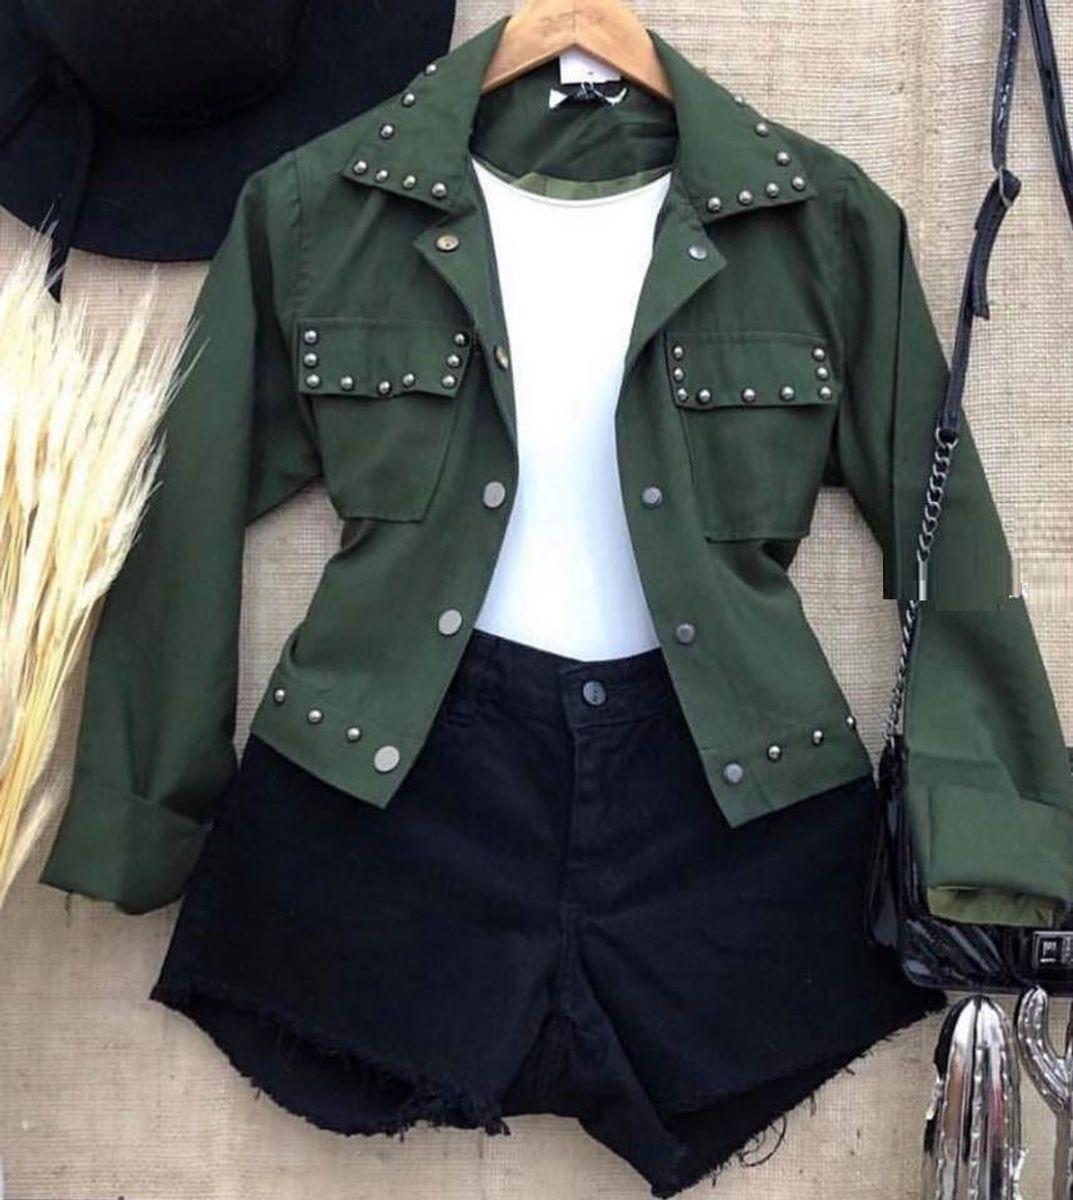 jaqueta tachas - casaquinhos sem marca